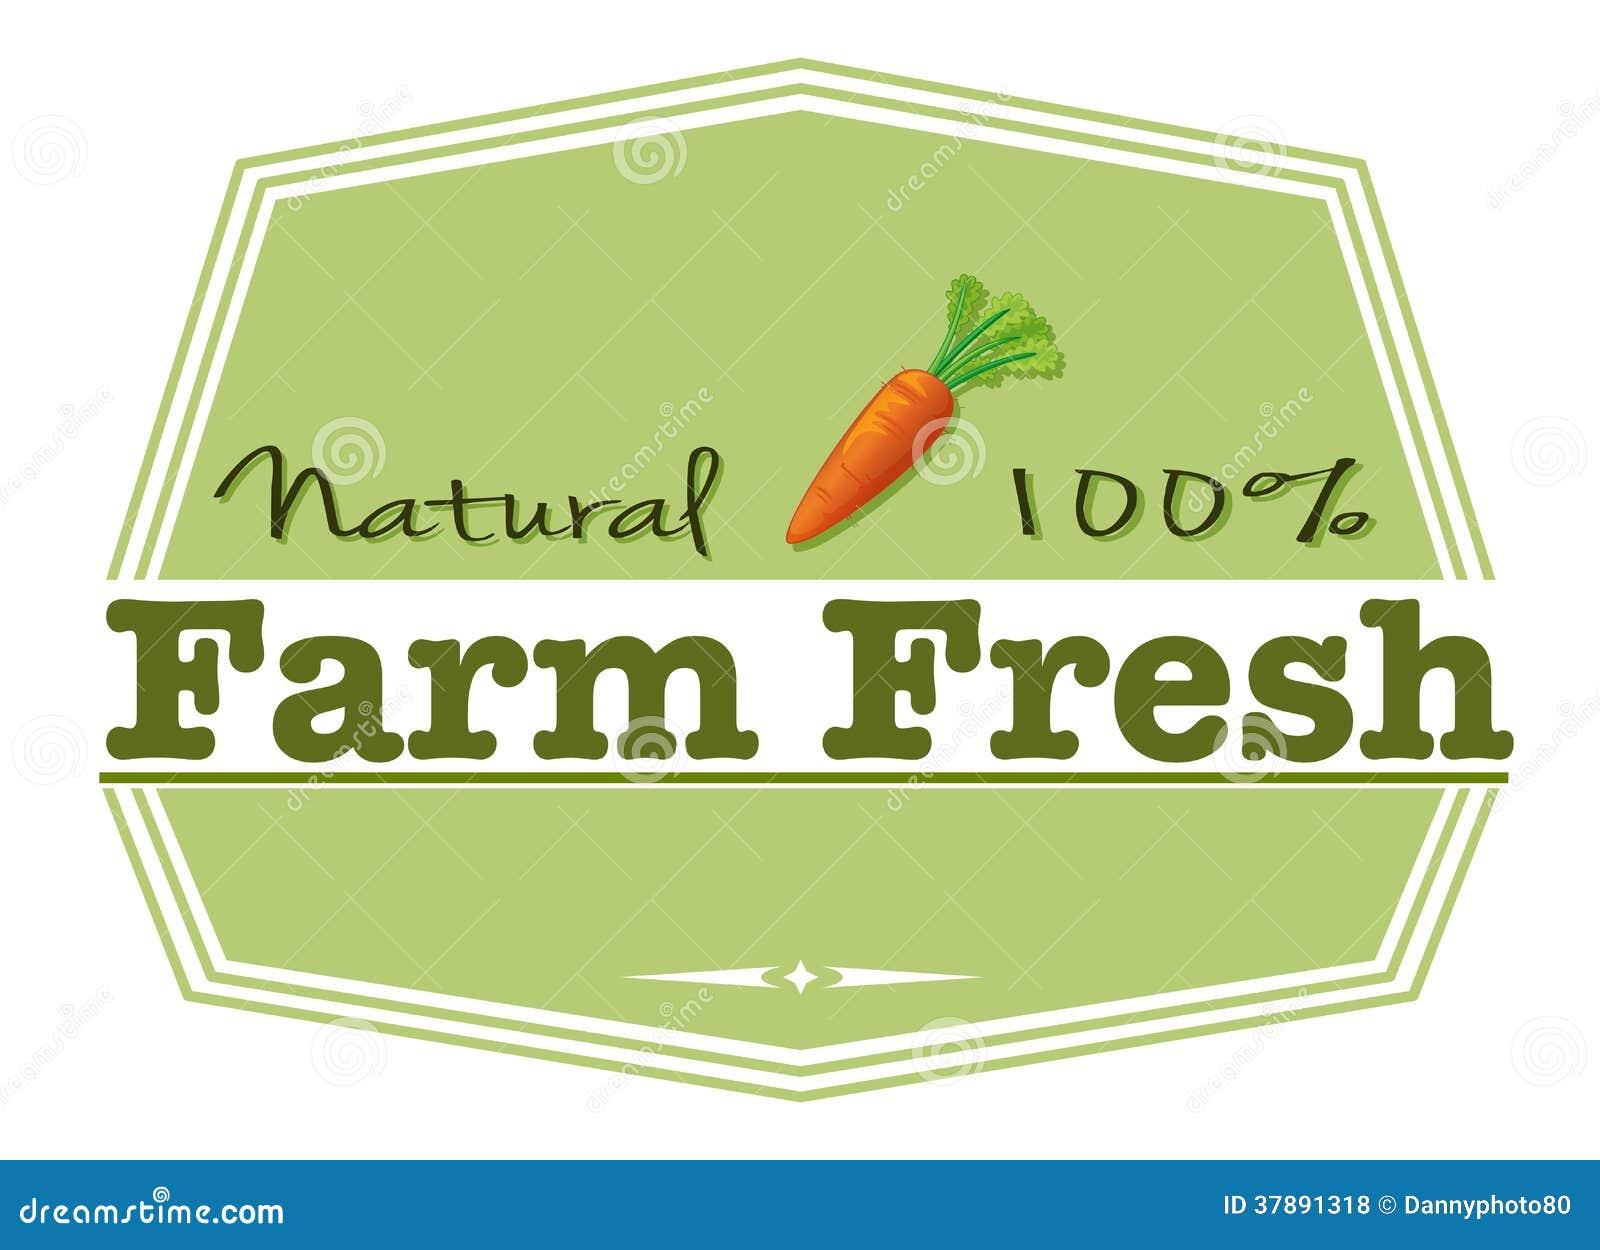 Een natuurlijk landbouwbedrijf vers etiket